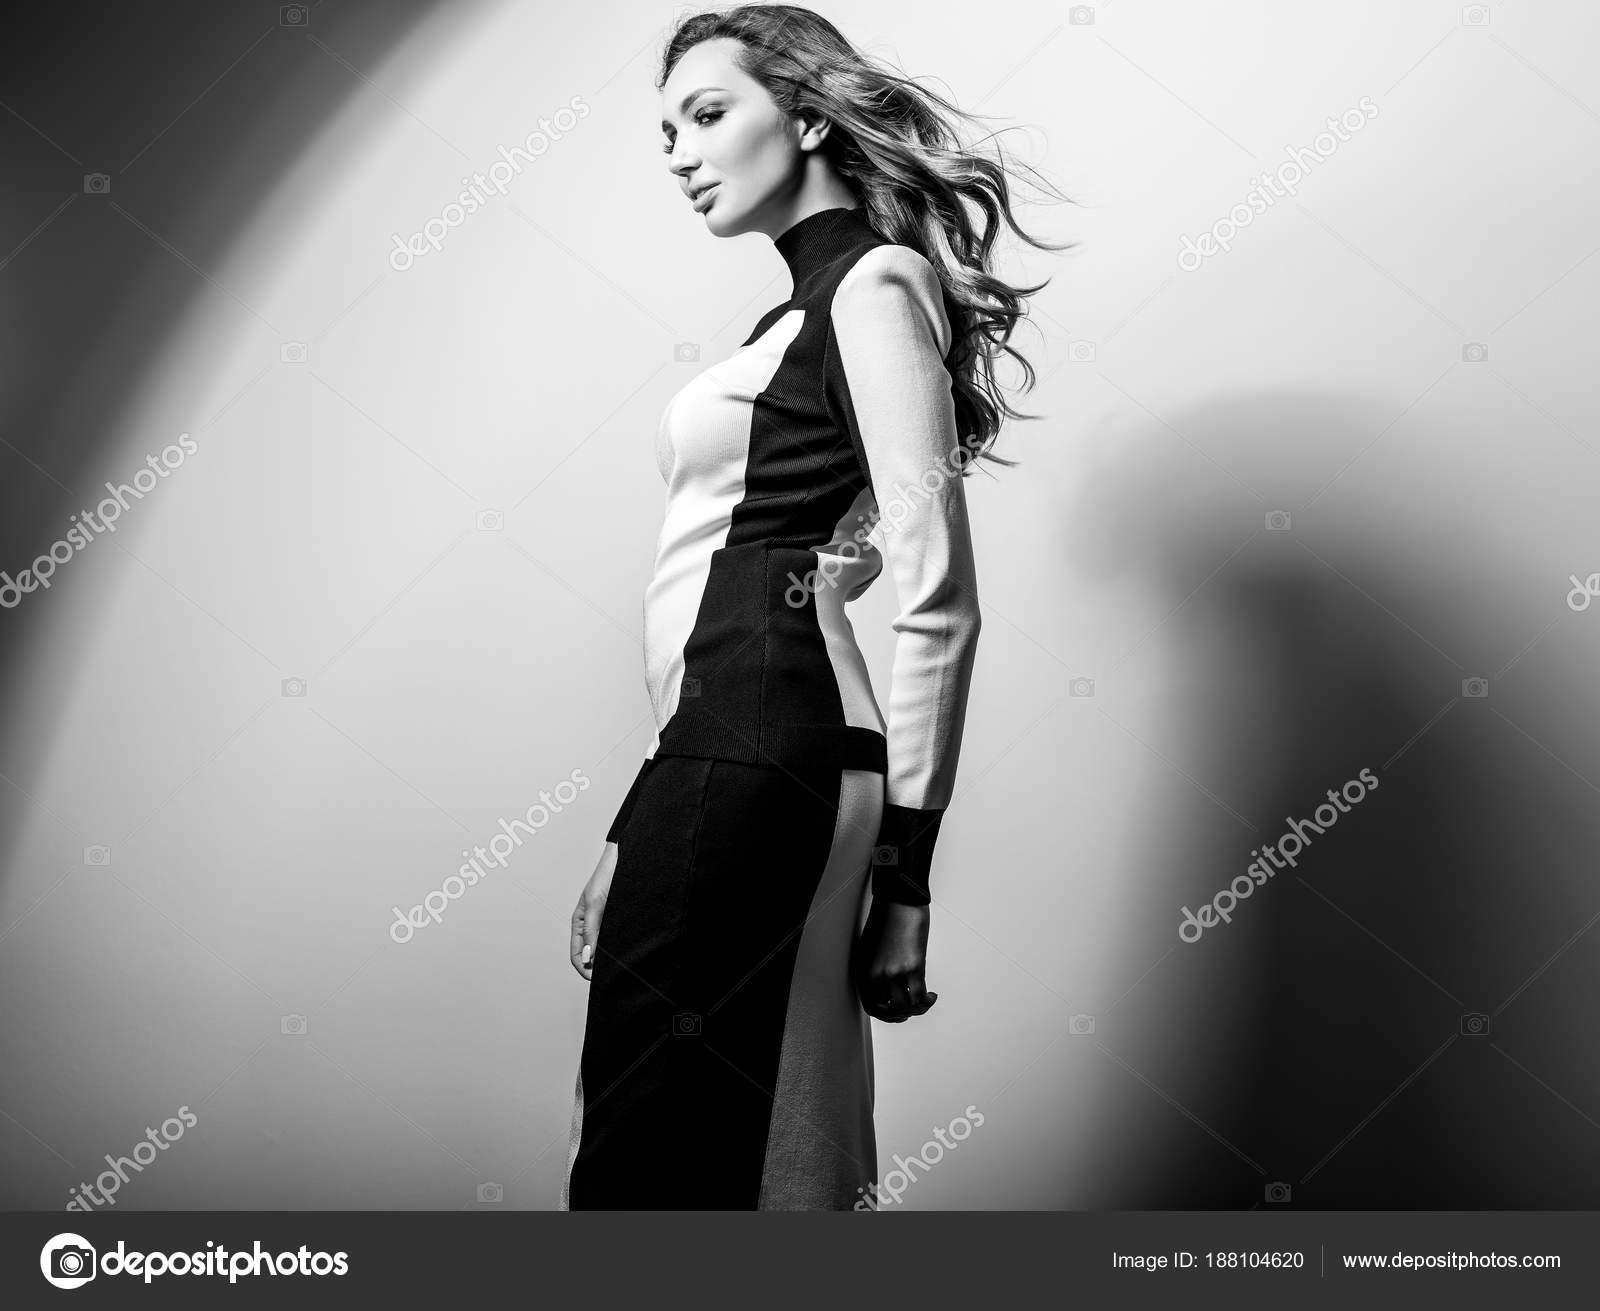 reputable site c34e9 9b302 Modello sensuale giovane donna in vestito elegante nero ...